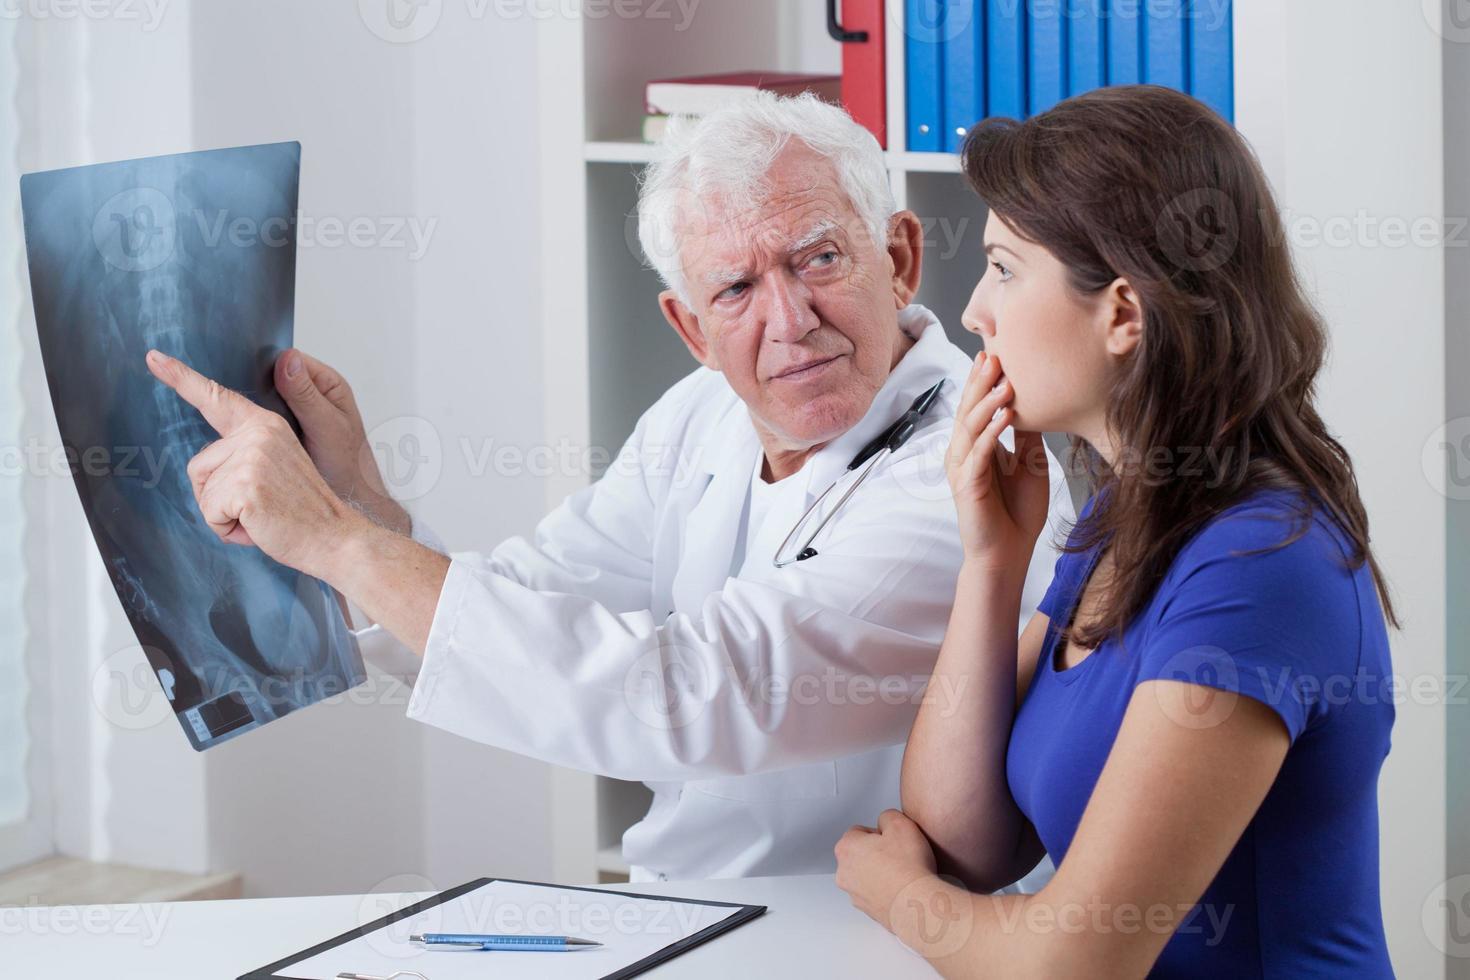 paziente preoccupato foto